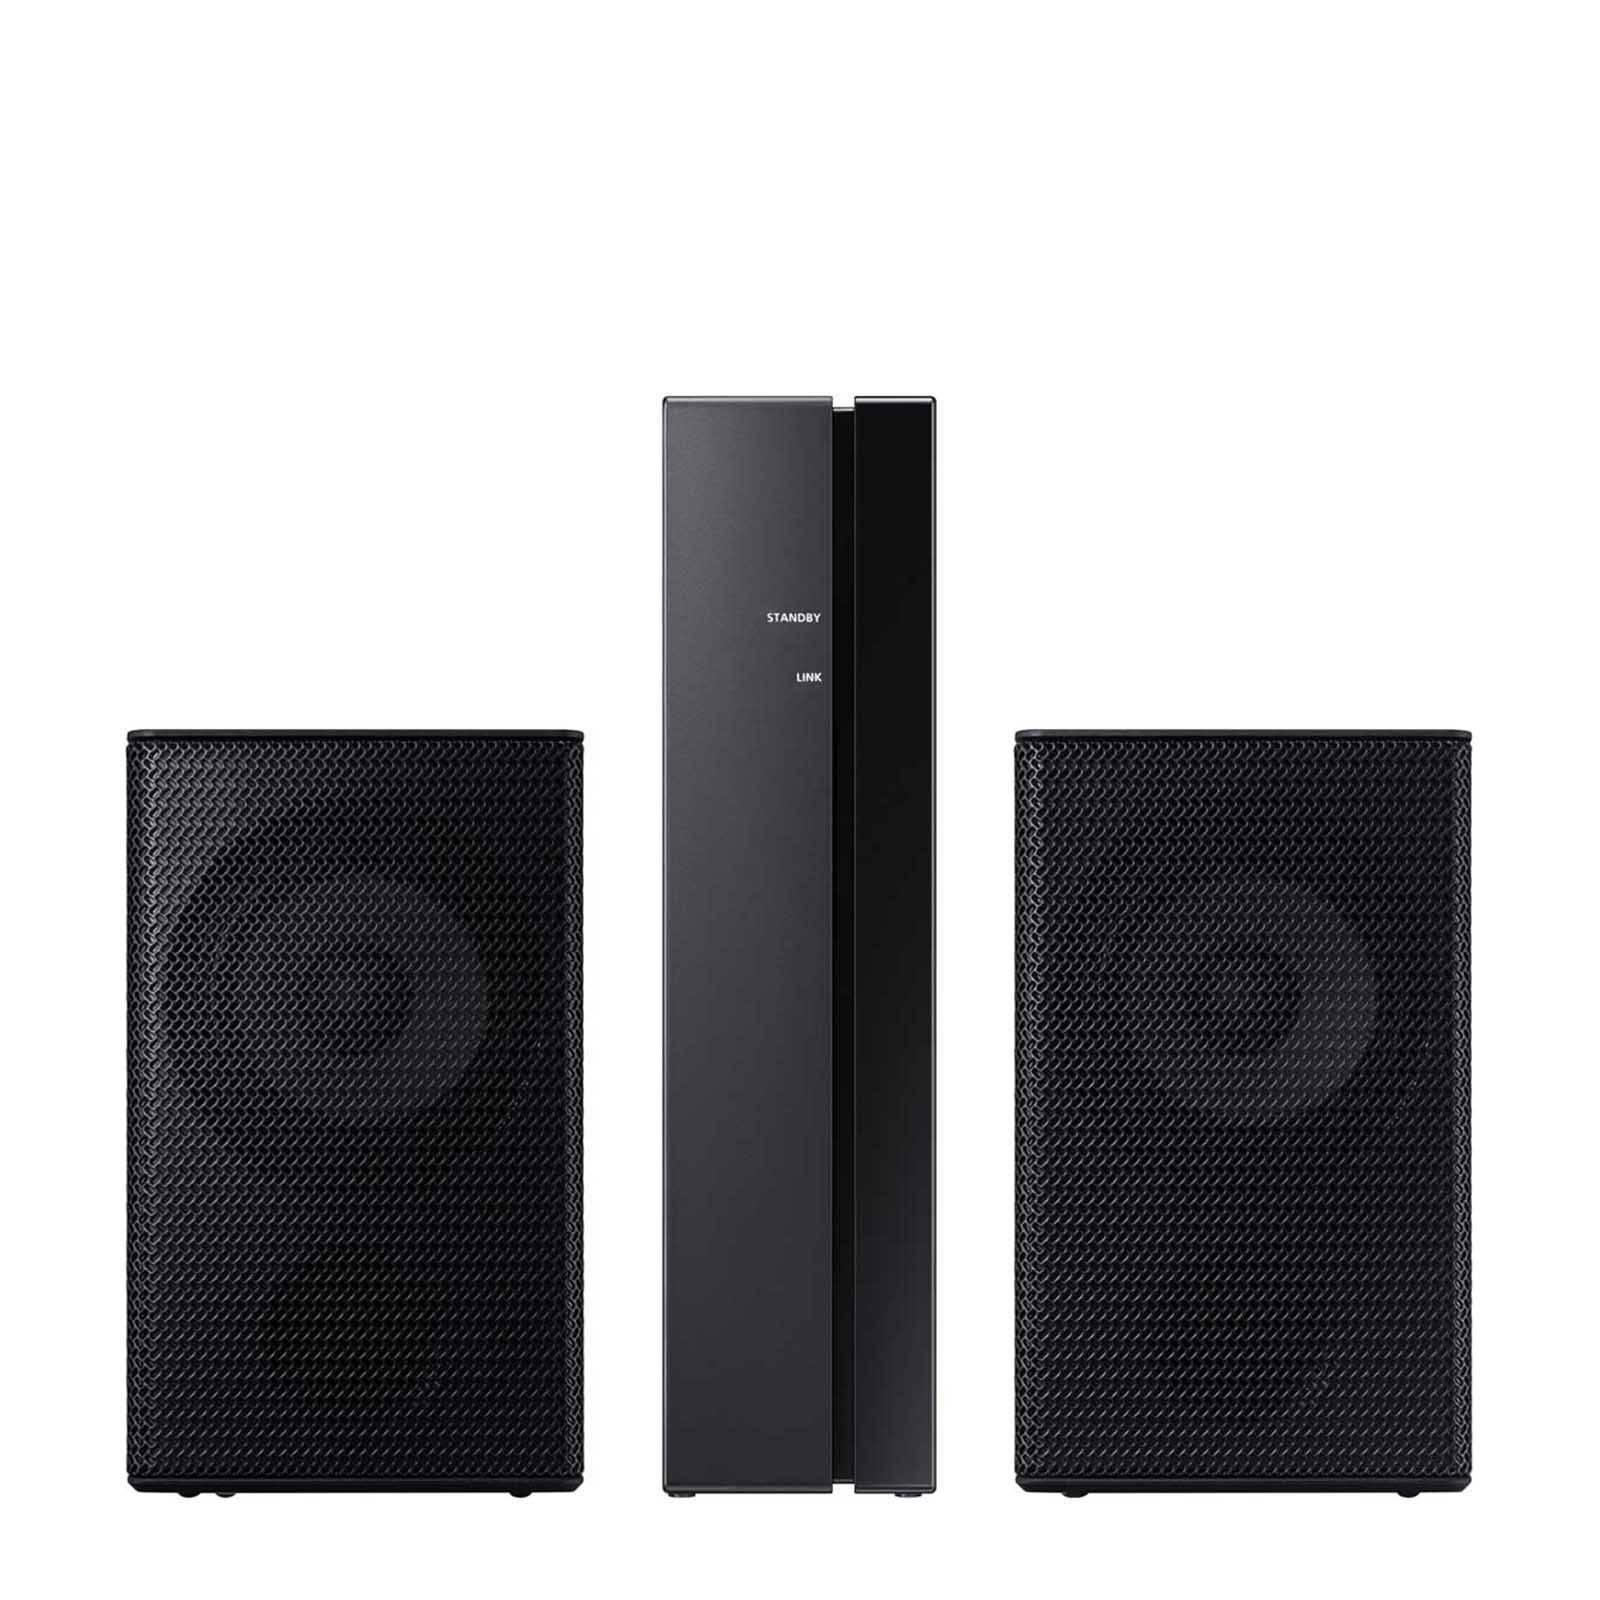 Samsung Wireless Rear Kit for Soundbar SWAW9100